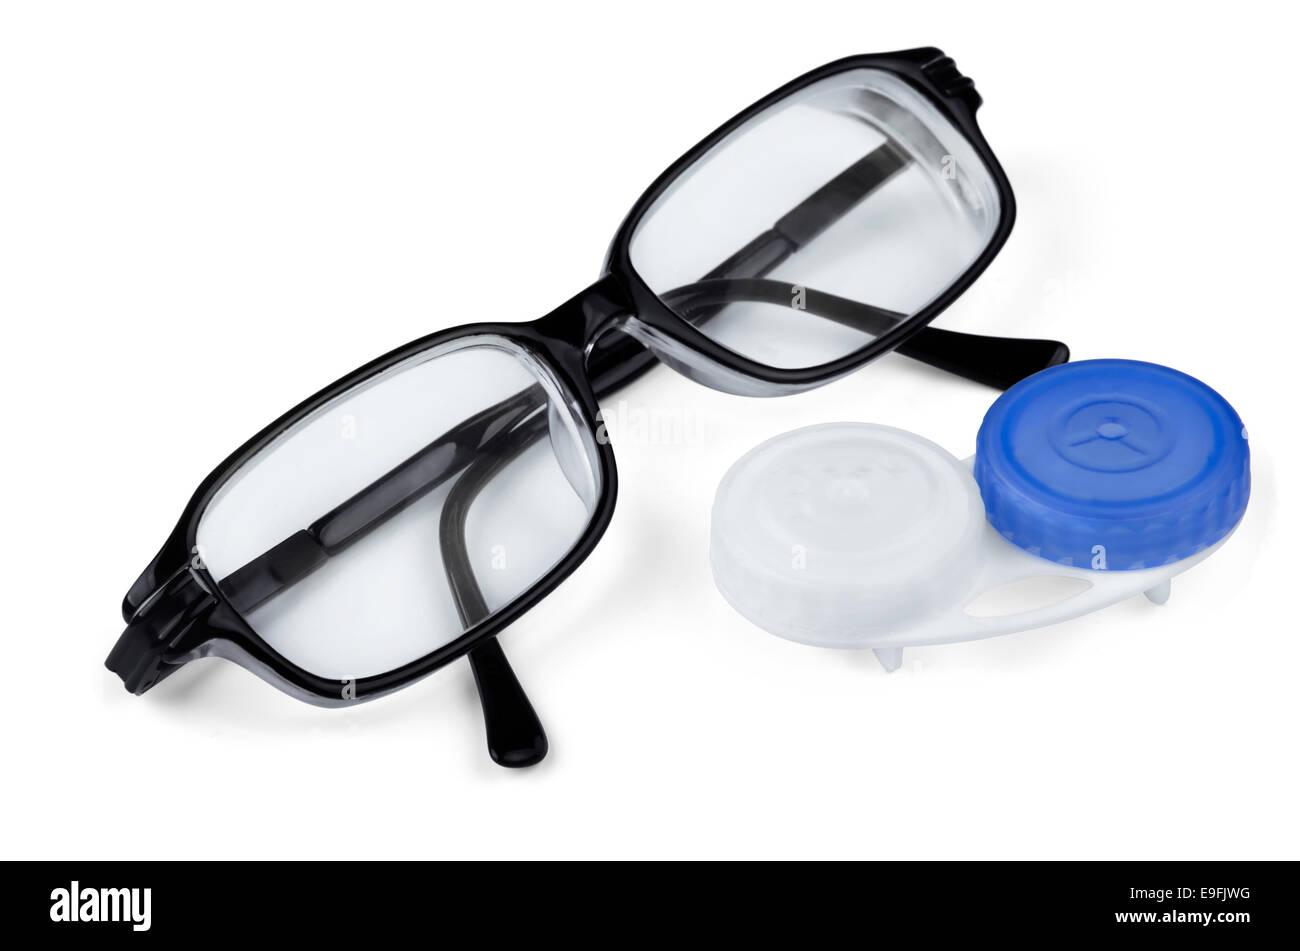 c809e94987 Glasses Lenses Imágenes De Stock & Glasses Lenses Fotos De Stock - Alamy